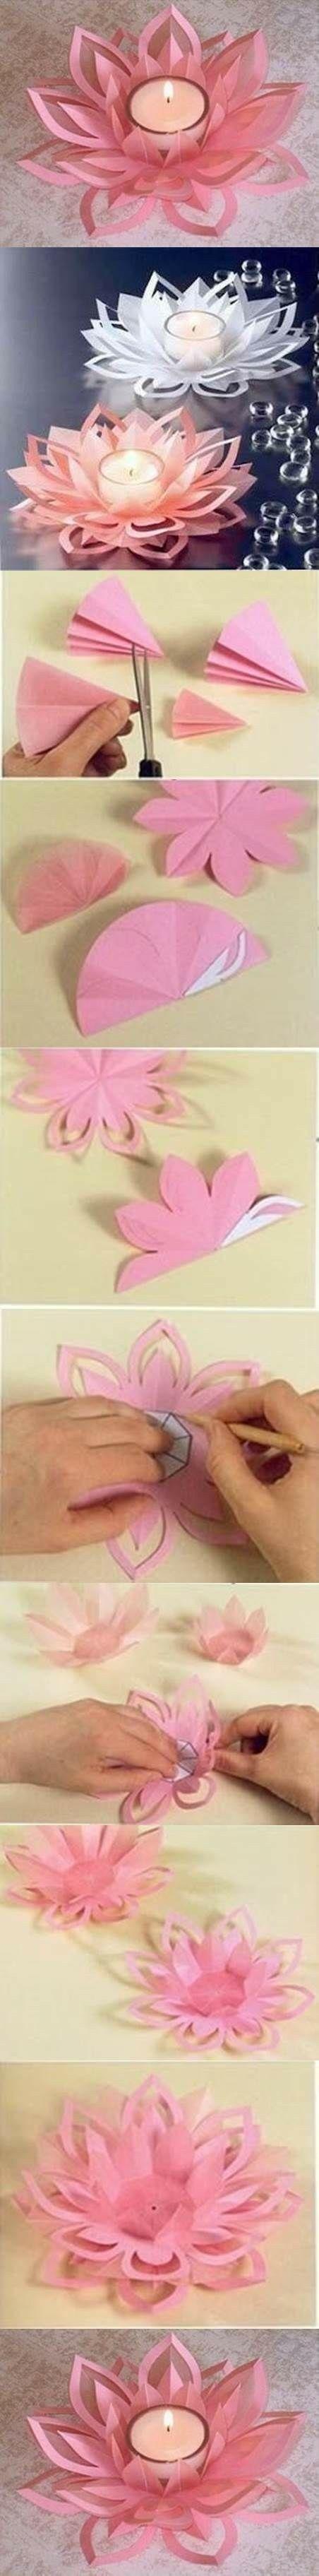 Harry potter stil zimmer  best diy images on pinterest  crafts paper flowers and costume